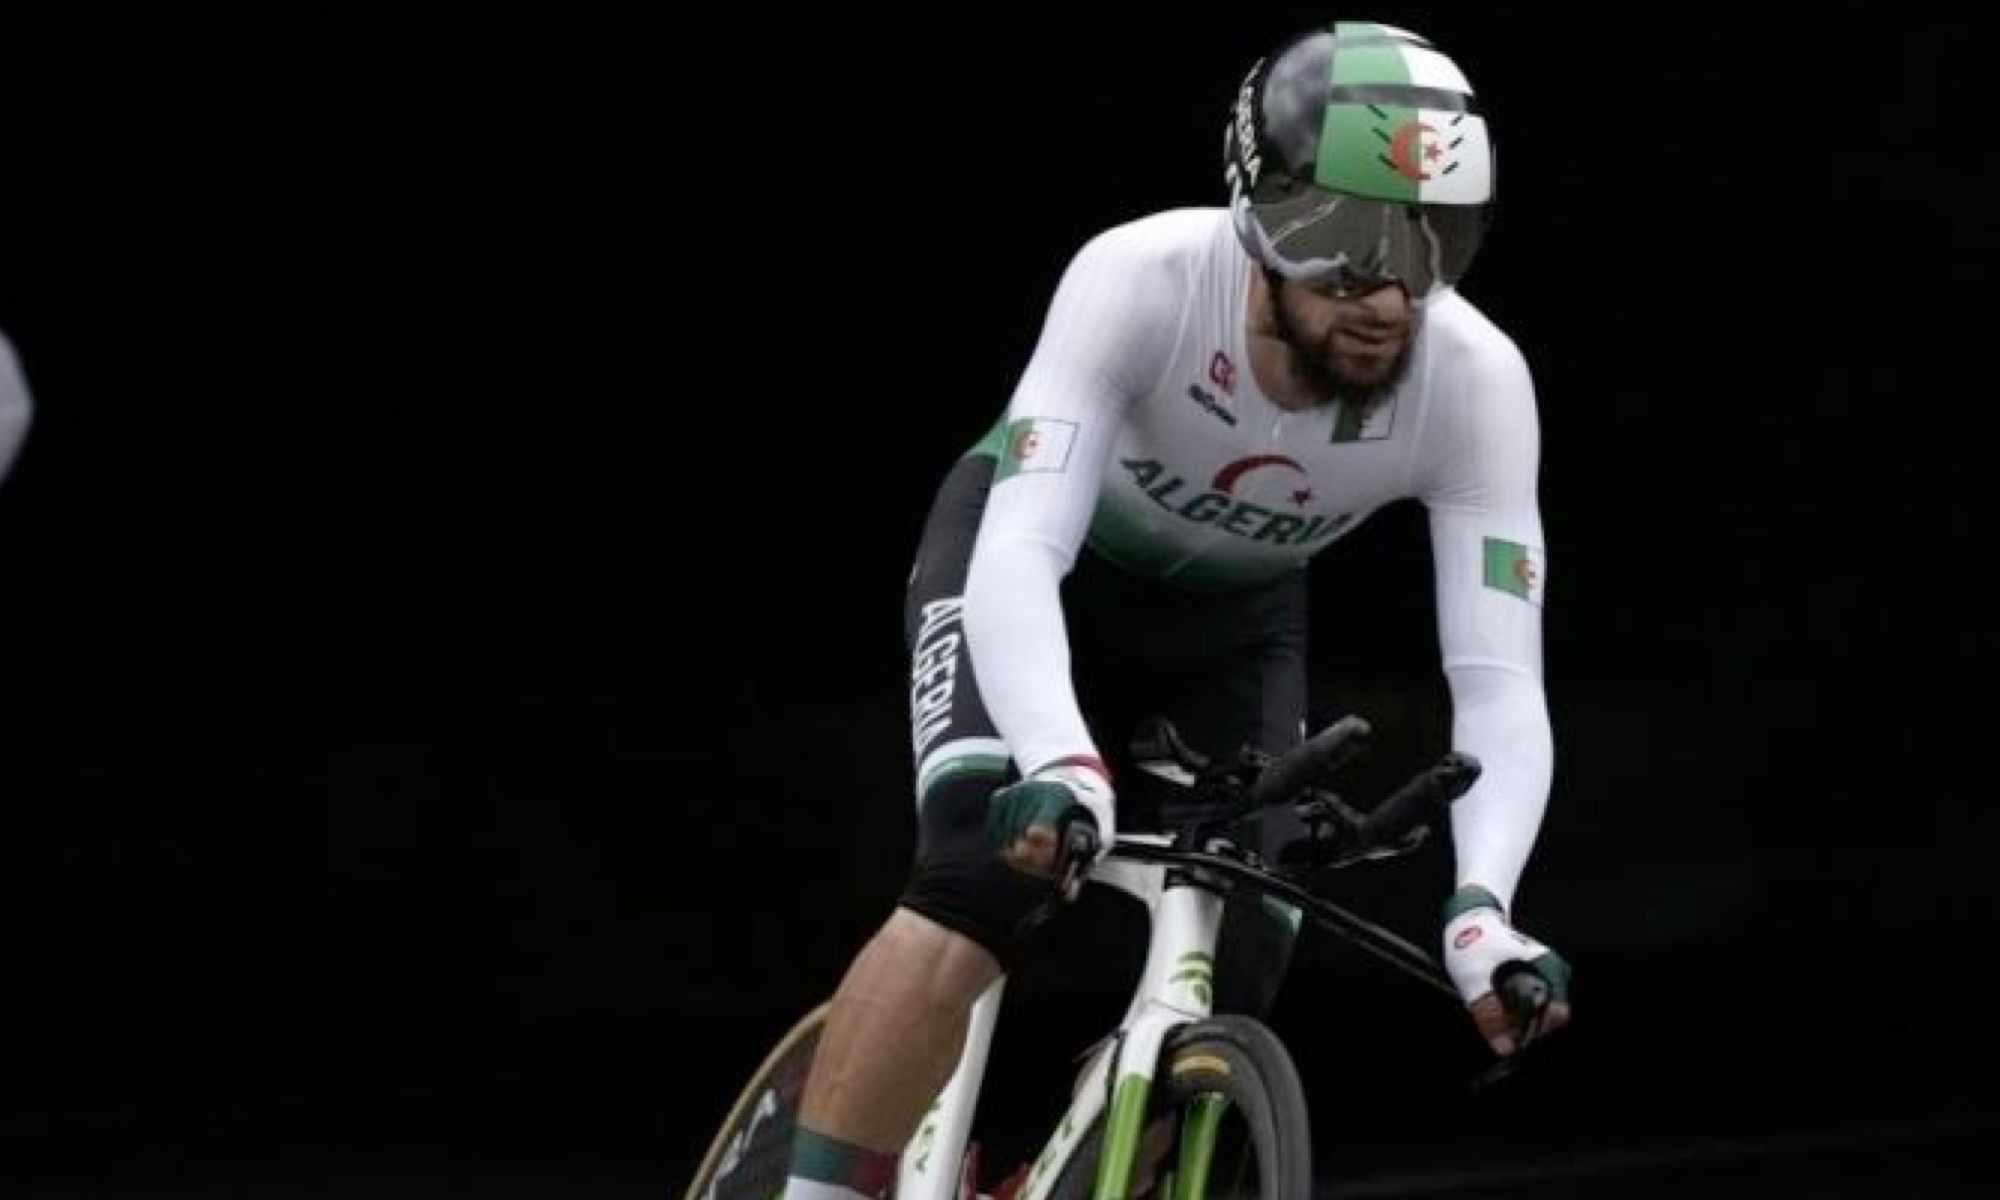 azzedine lagab chamelier contre la montre tokyo 2020 cyclisme